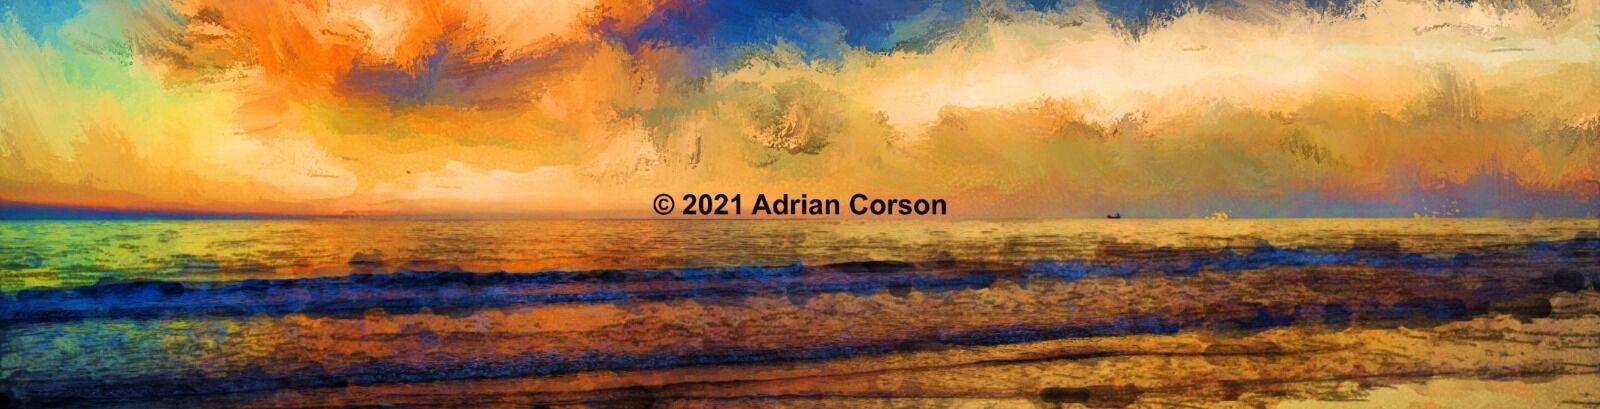 IMG 2884 coastal sunset